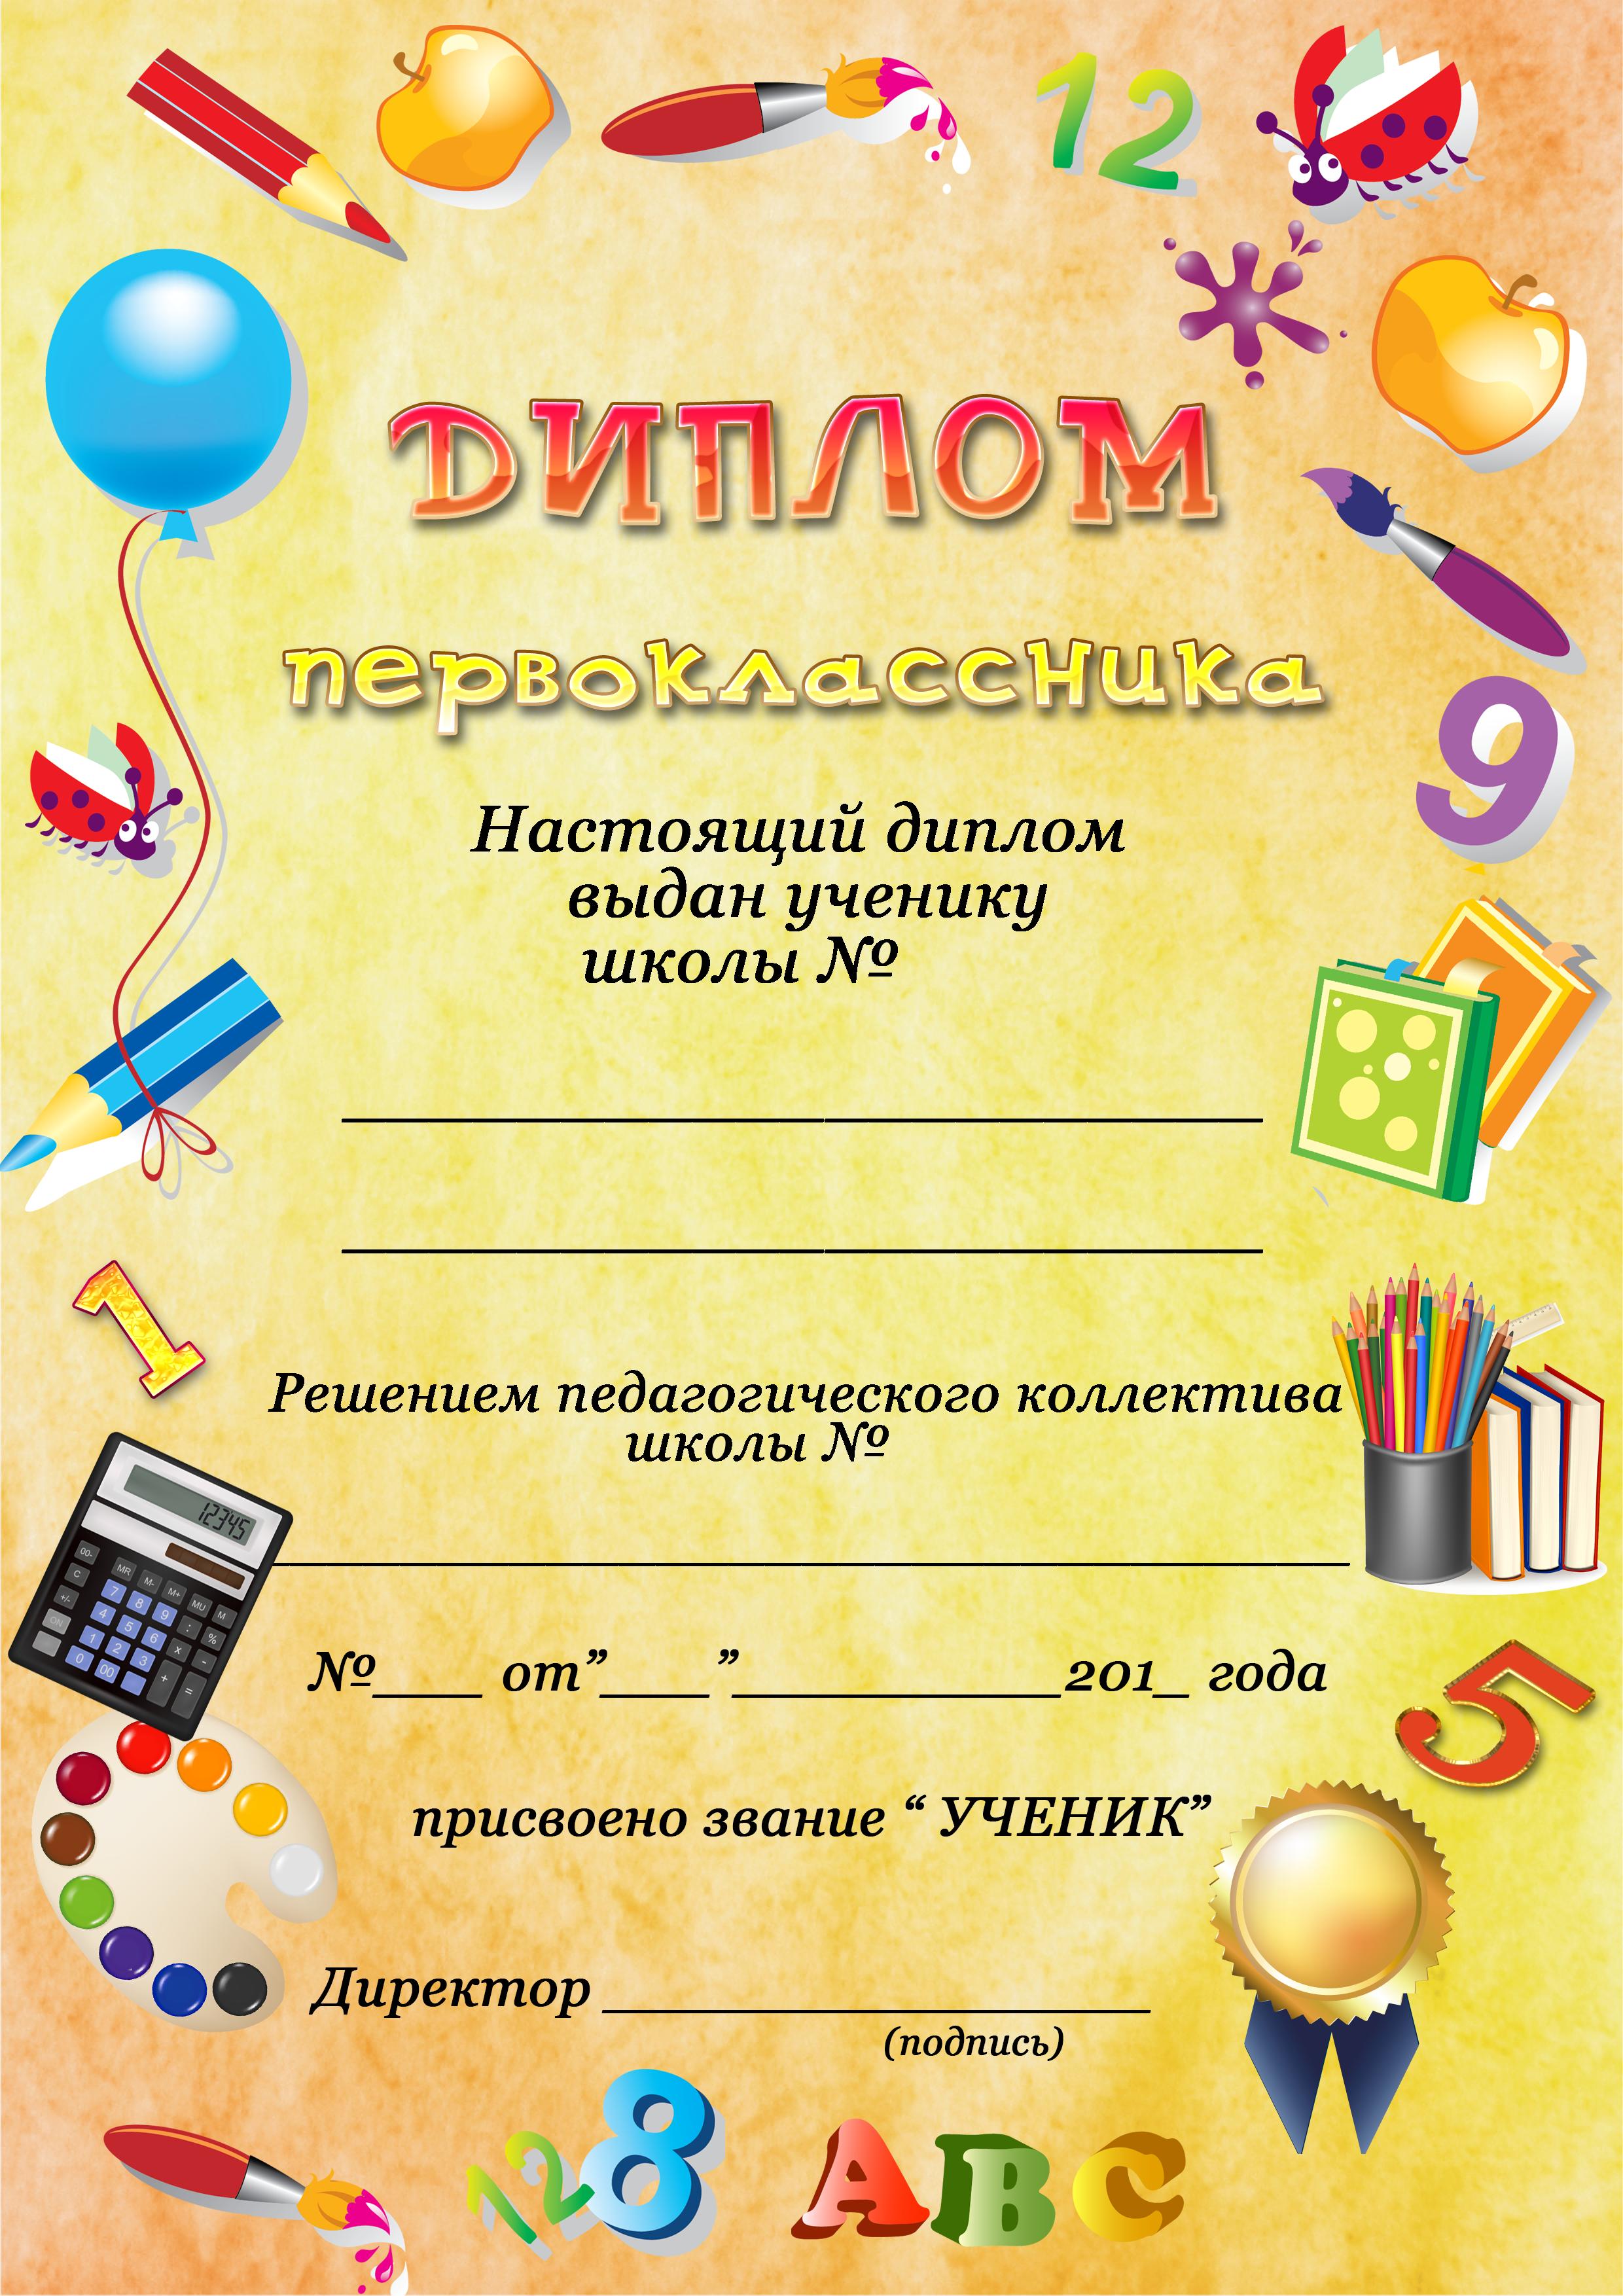 Шаблон диплома первоклассника скачать бесплатно